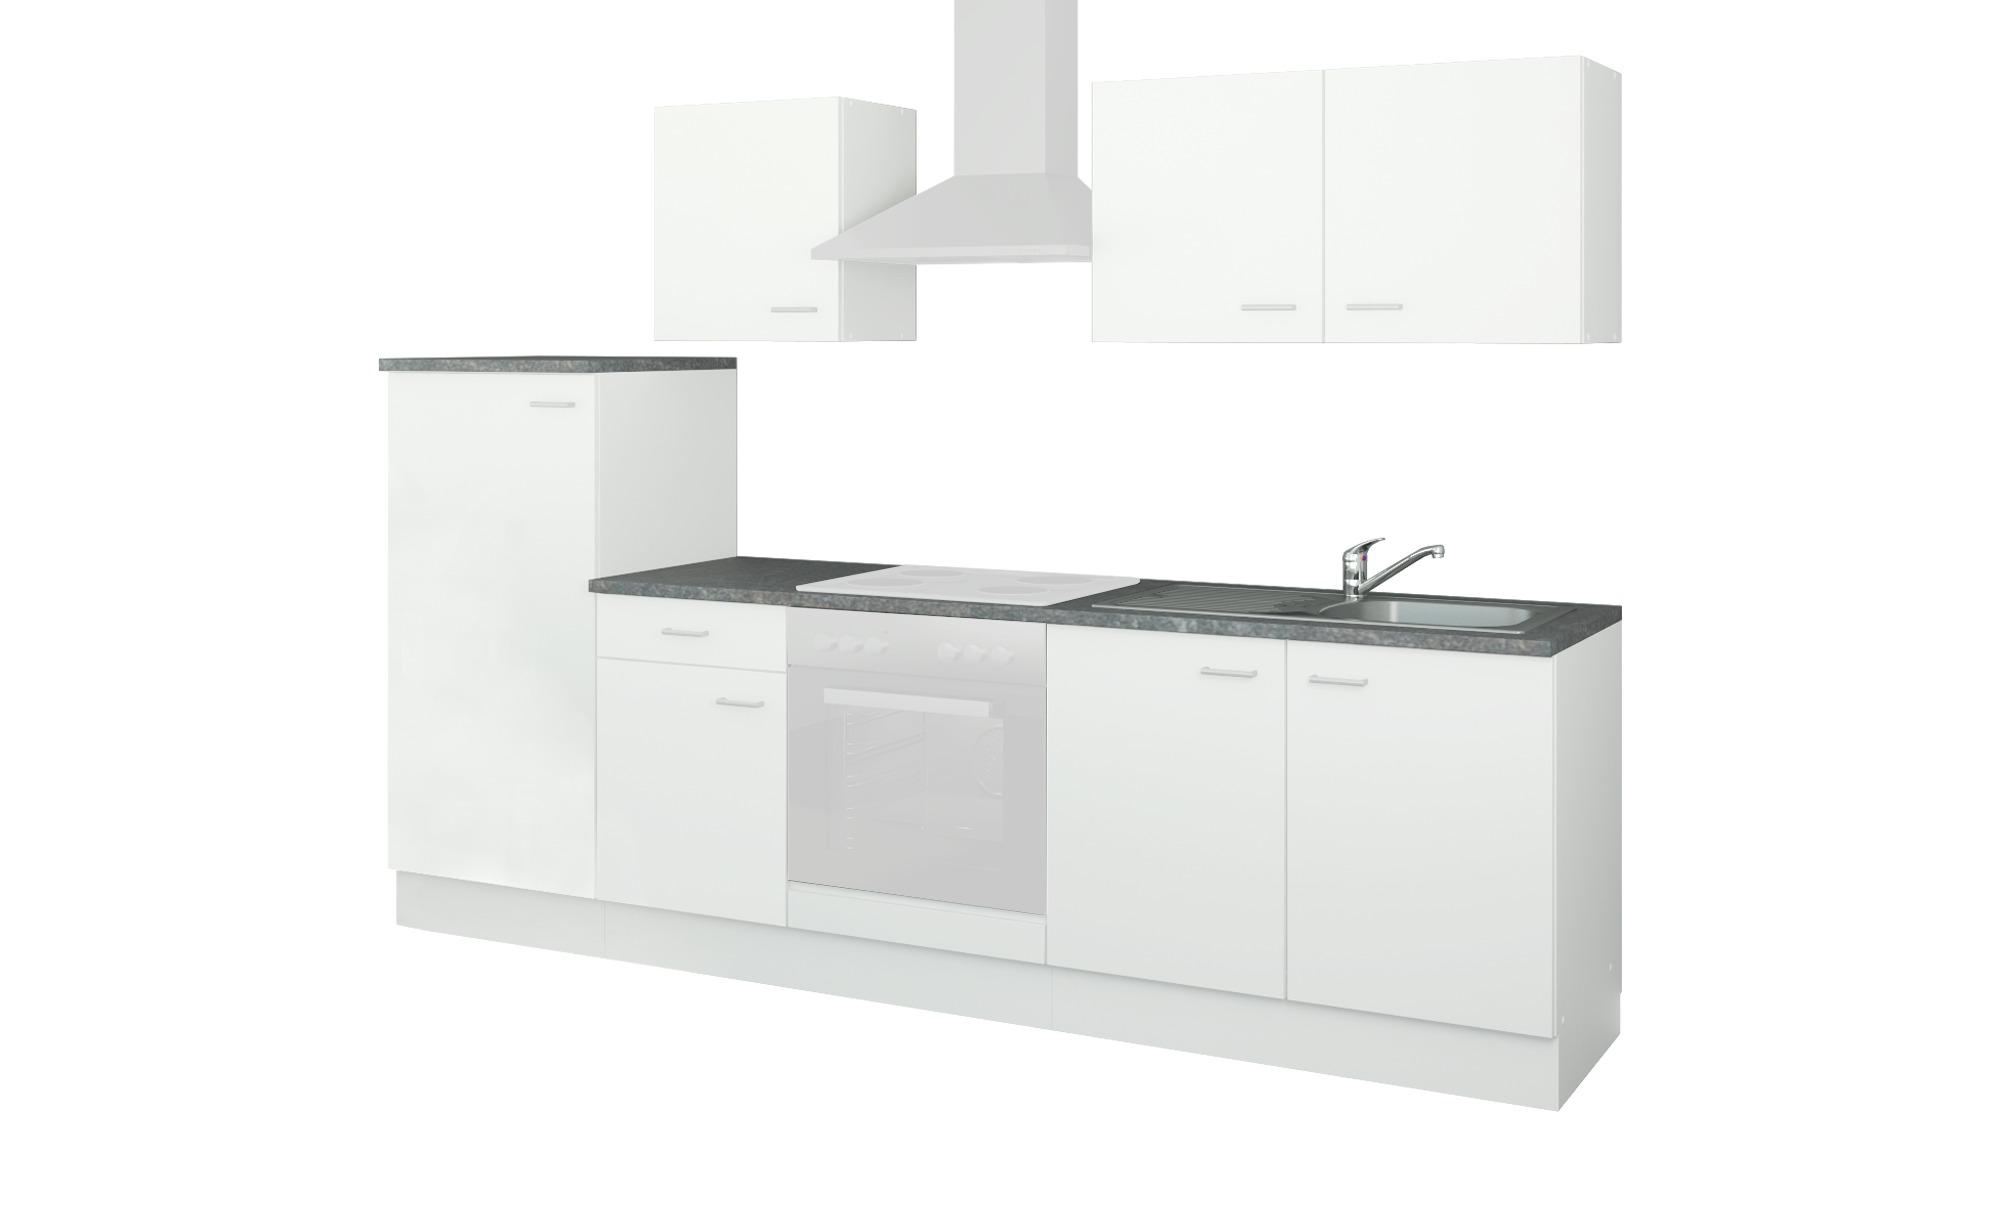 uno Küchenzeile ohne Elektrogeräte Kiel, gefunden bei Möbel Höffner